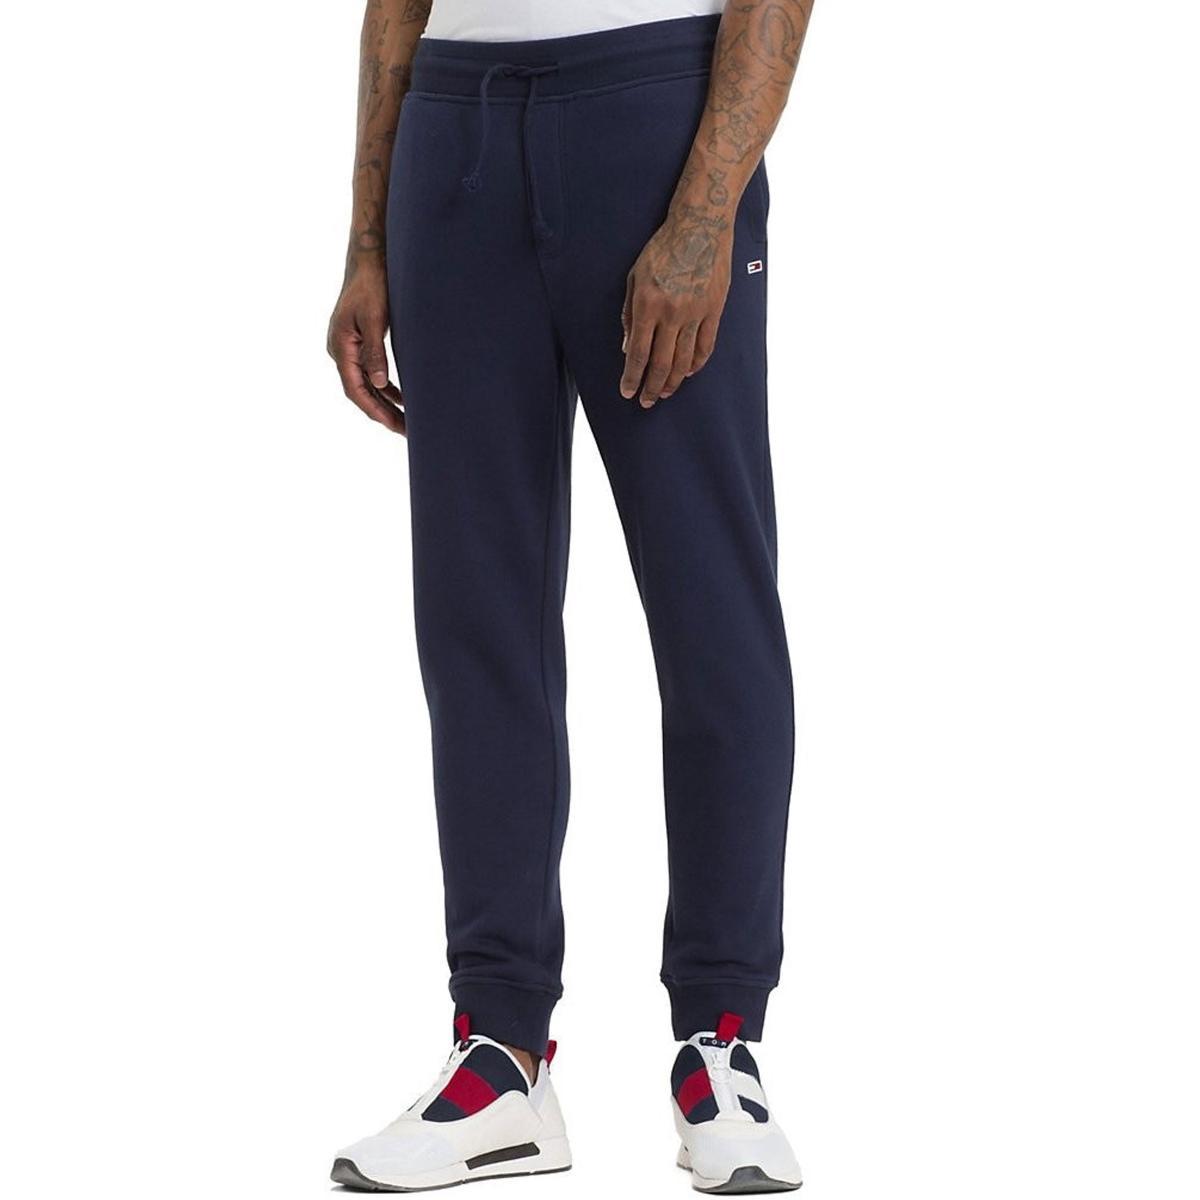 Pantaloni tuta Tommy Jeans Joggers classics da uomo rif. DM0DM05119